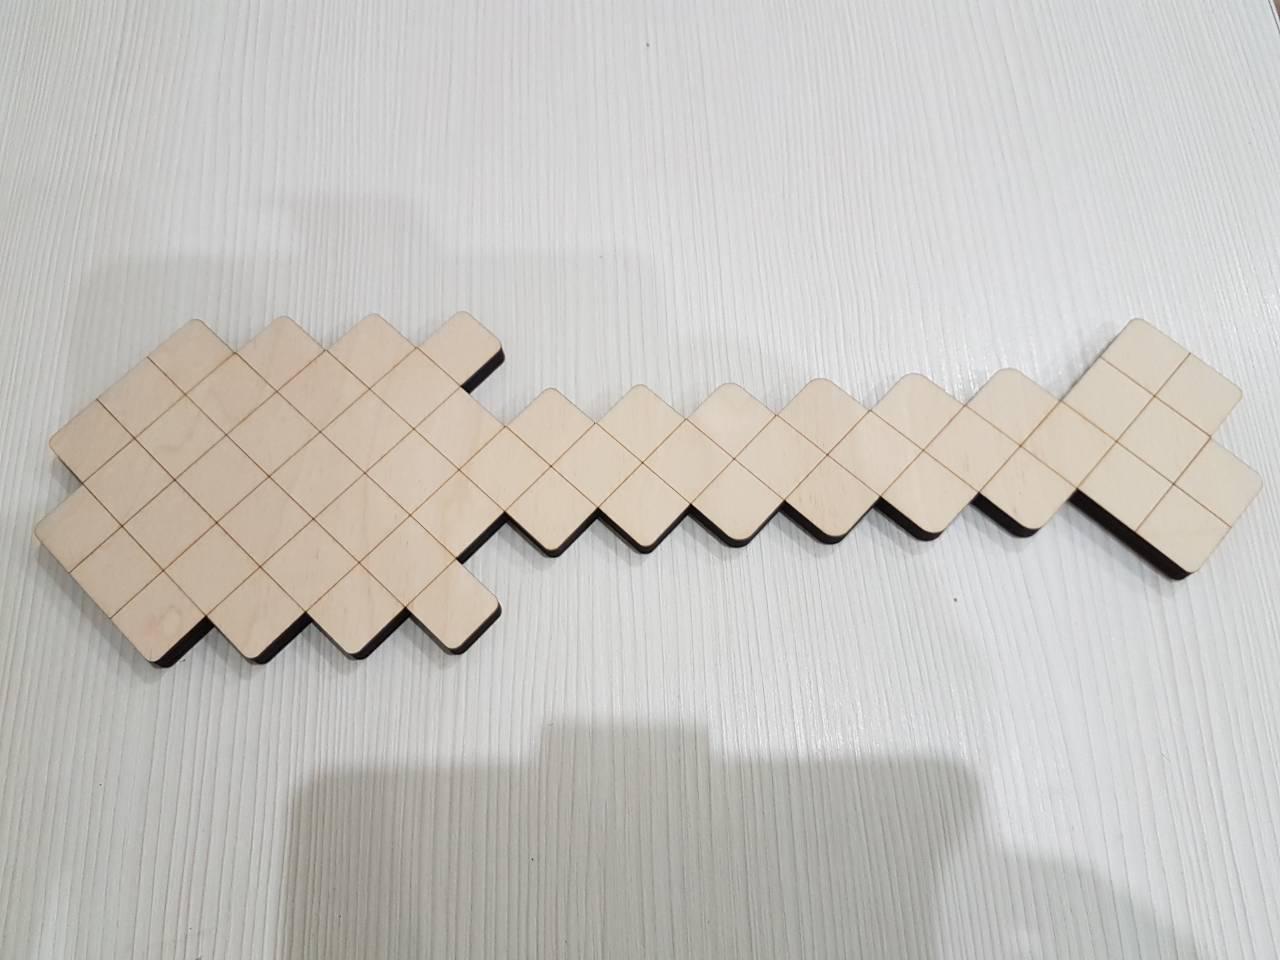 лопата розмальовка Minecraft лопата раскраска майнкрафт Bigl Ua